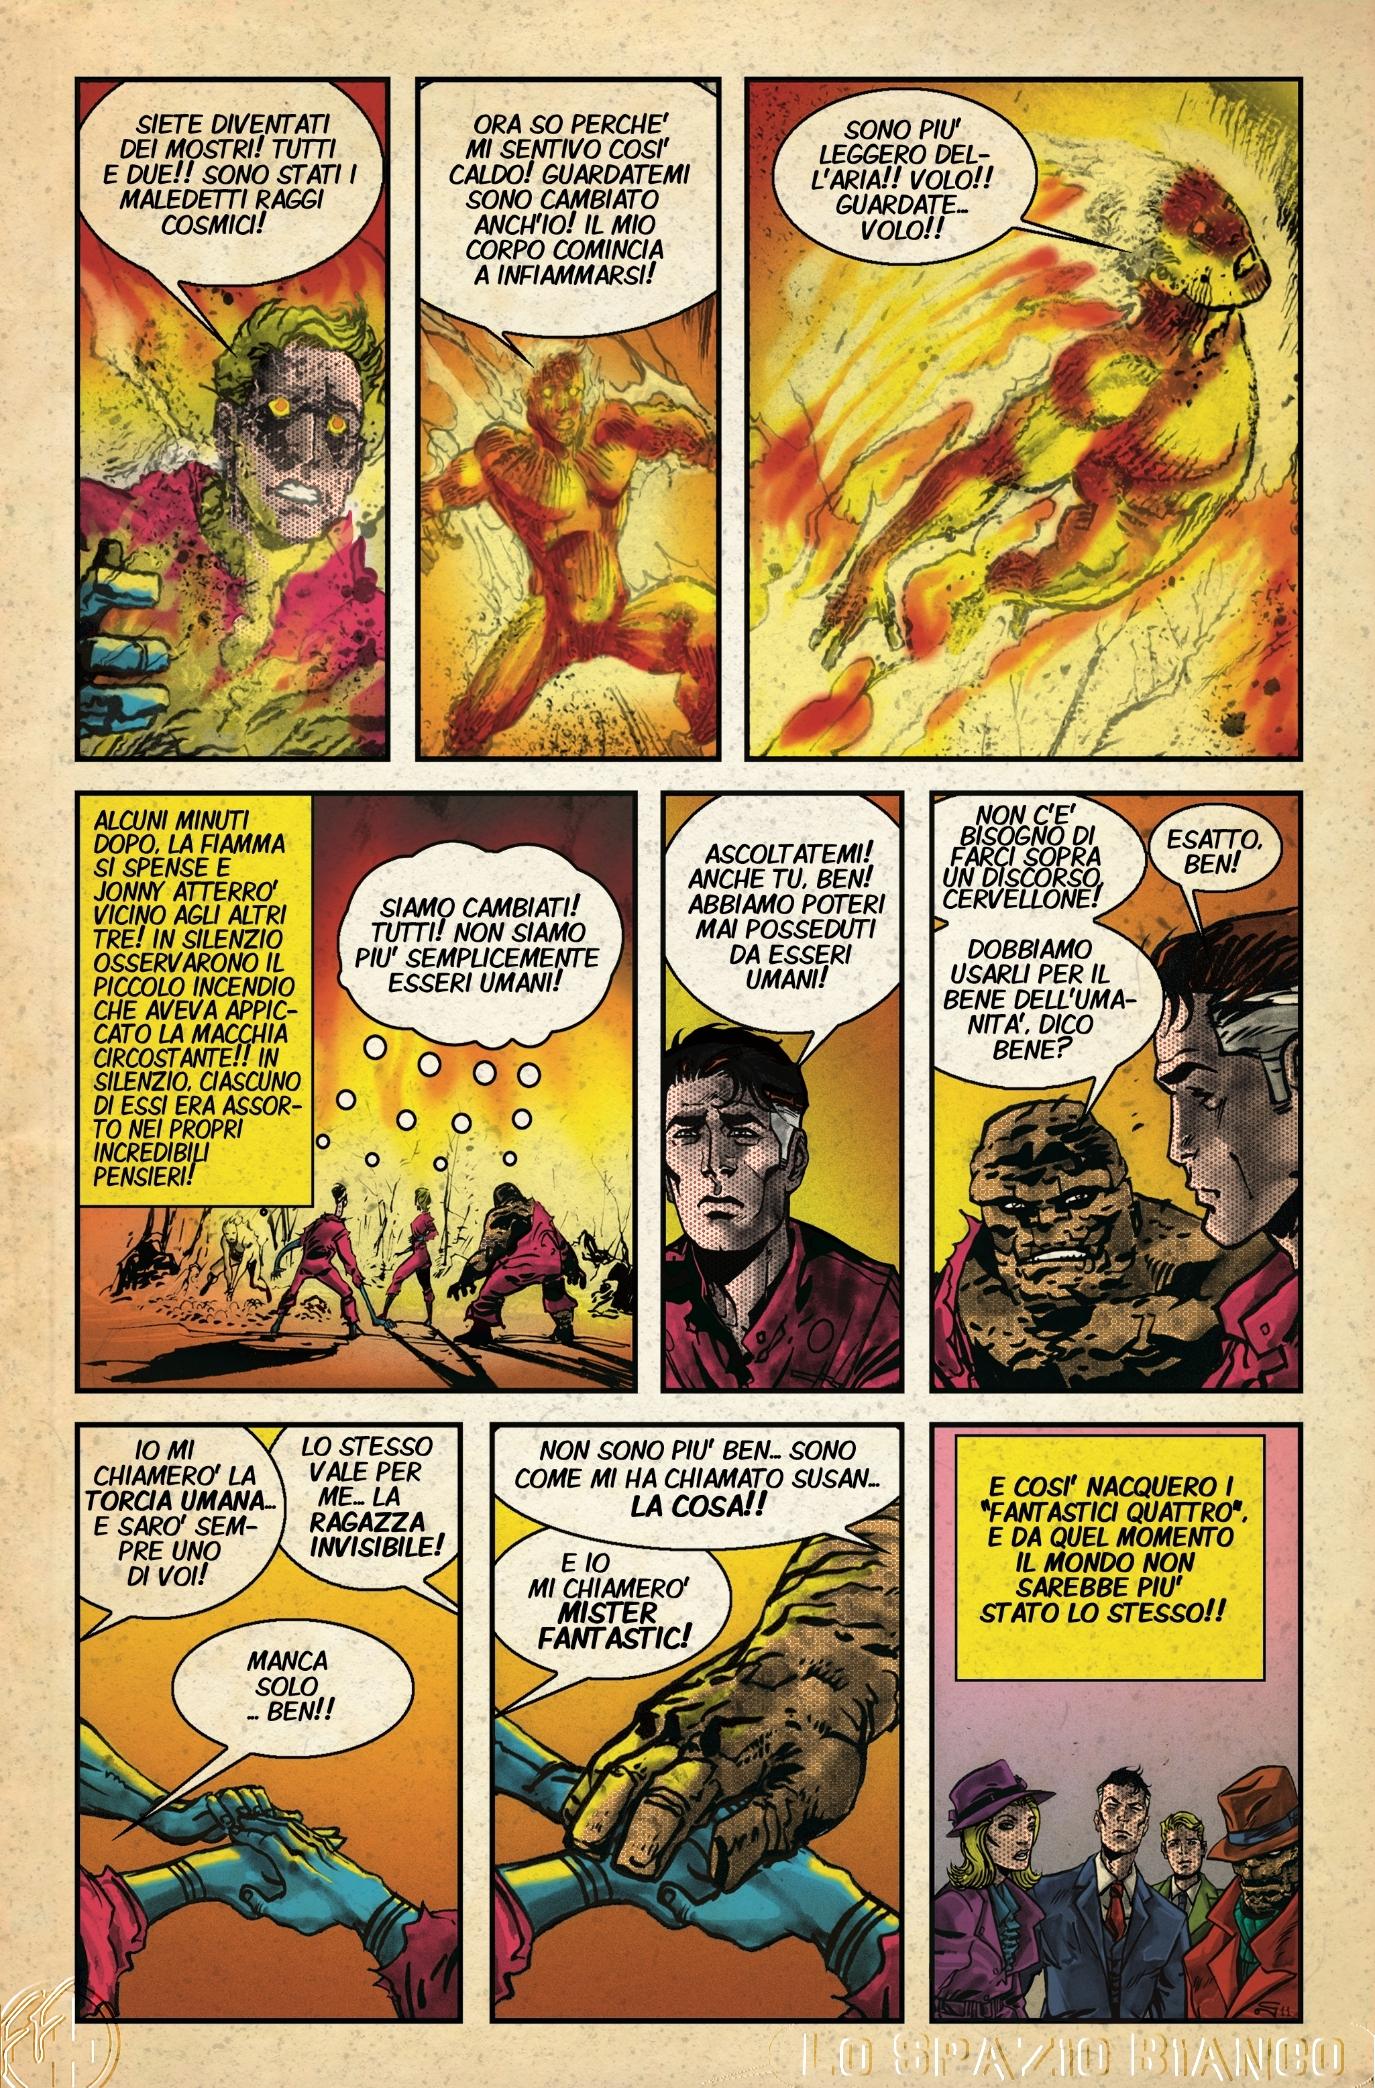 pagina 13 sovraimpressione